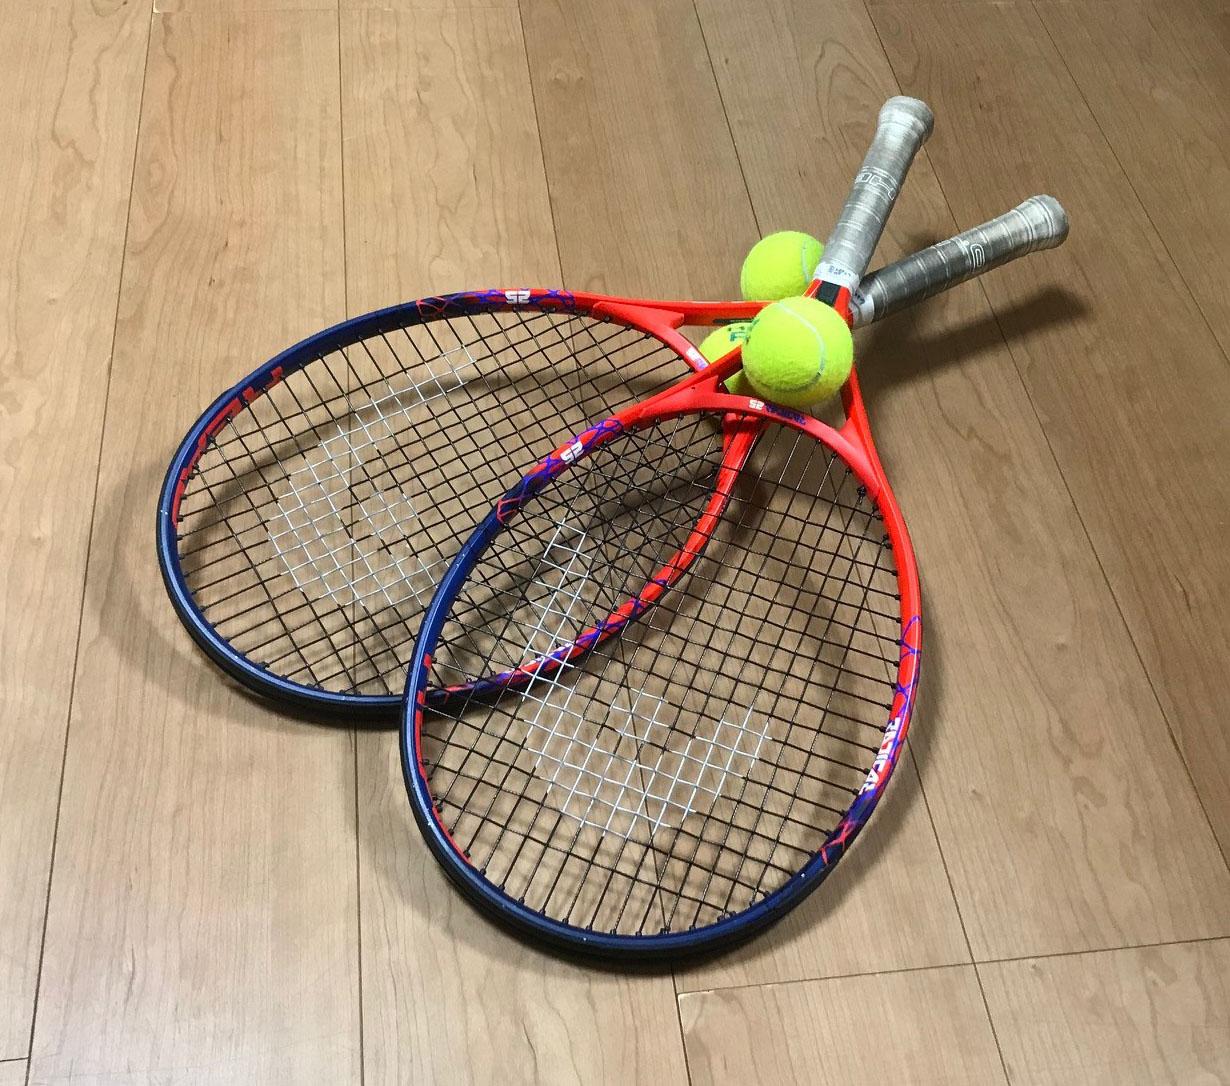 テニスの練習にも使えるリバウンドくん